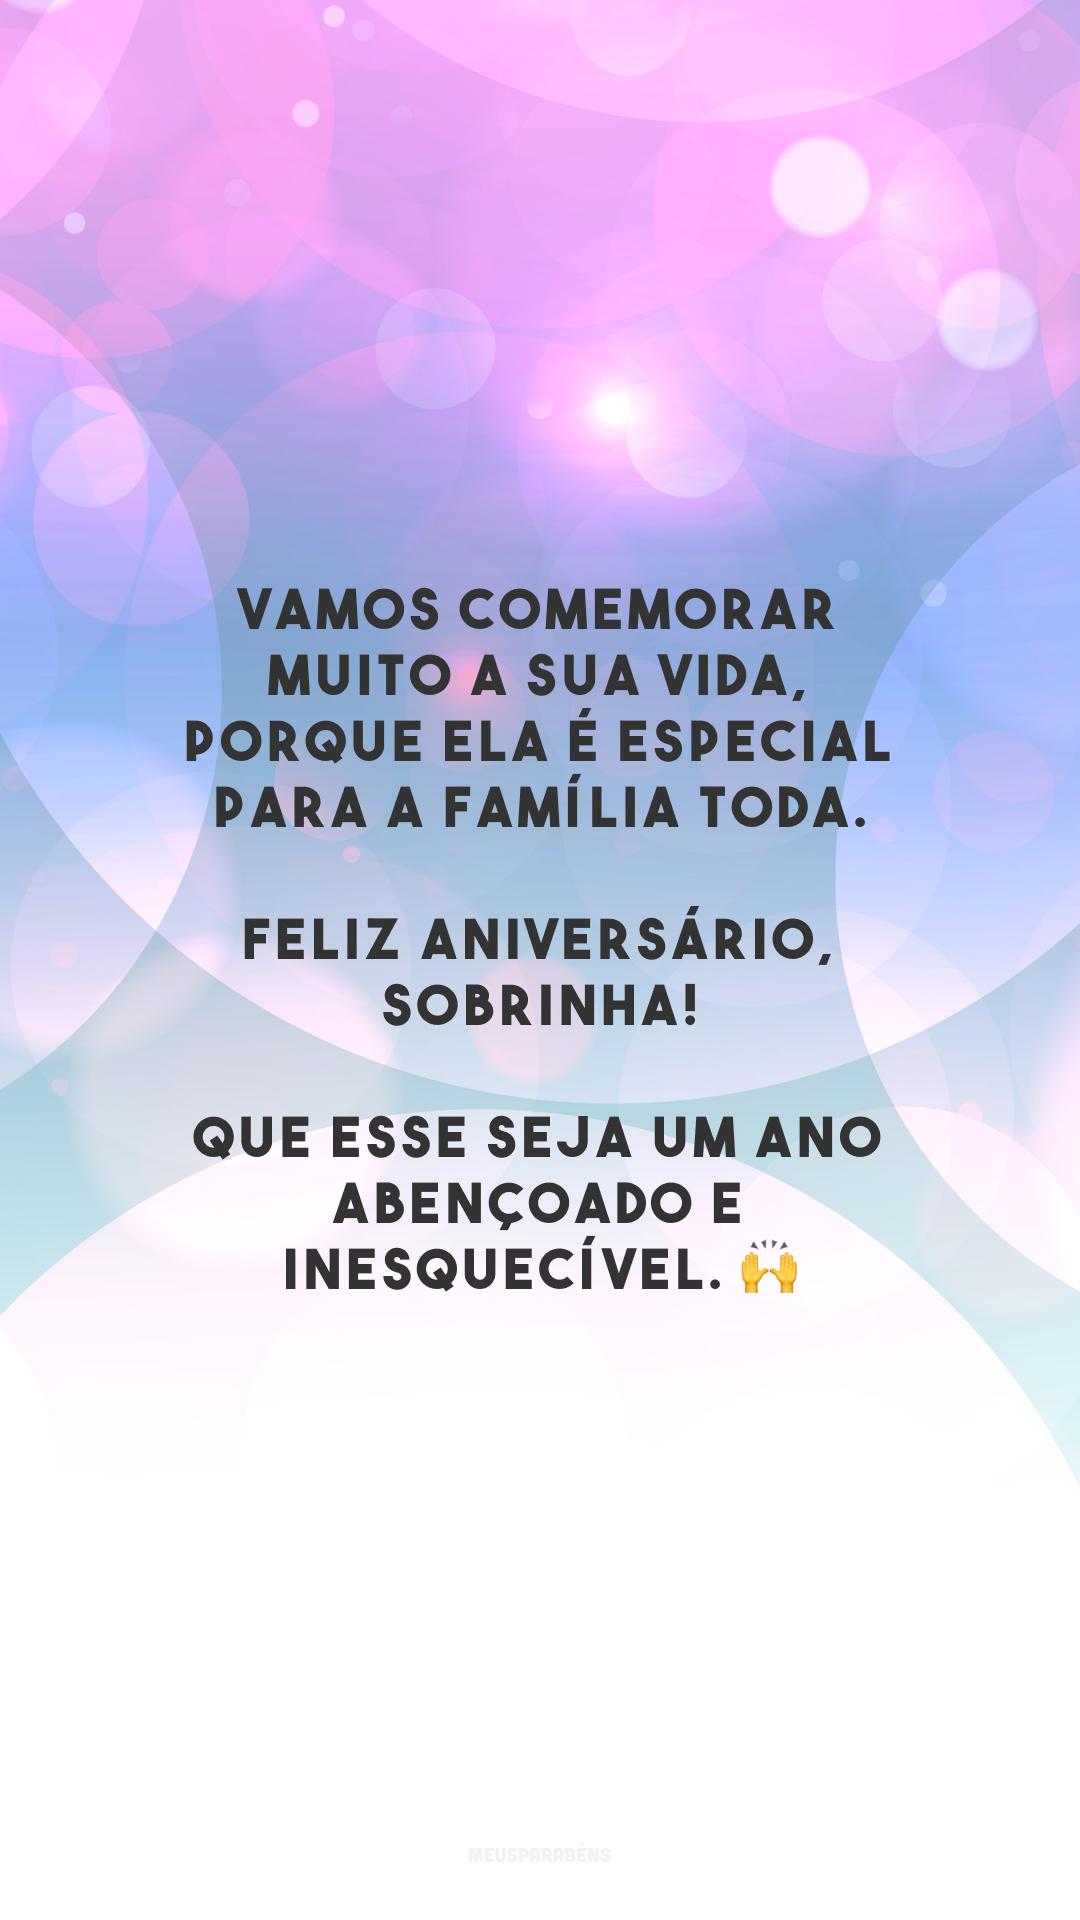 Vamos comemorar muito a sua vida, porque ela é especial para a família toda. Feliz aniversário, sobrinha! Que esse seja um ano abençoado e inesquecível. 🙌